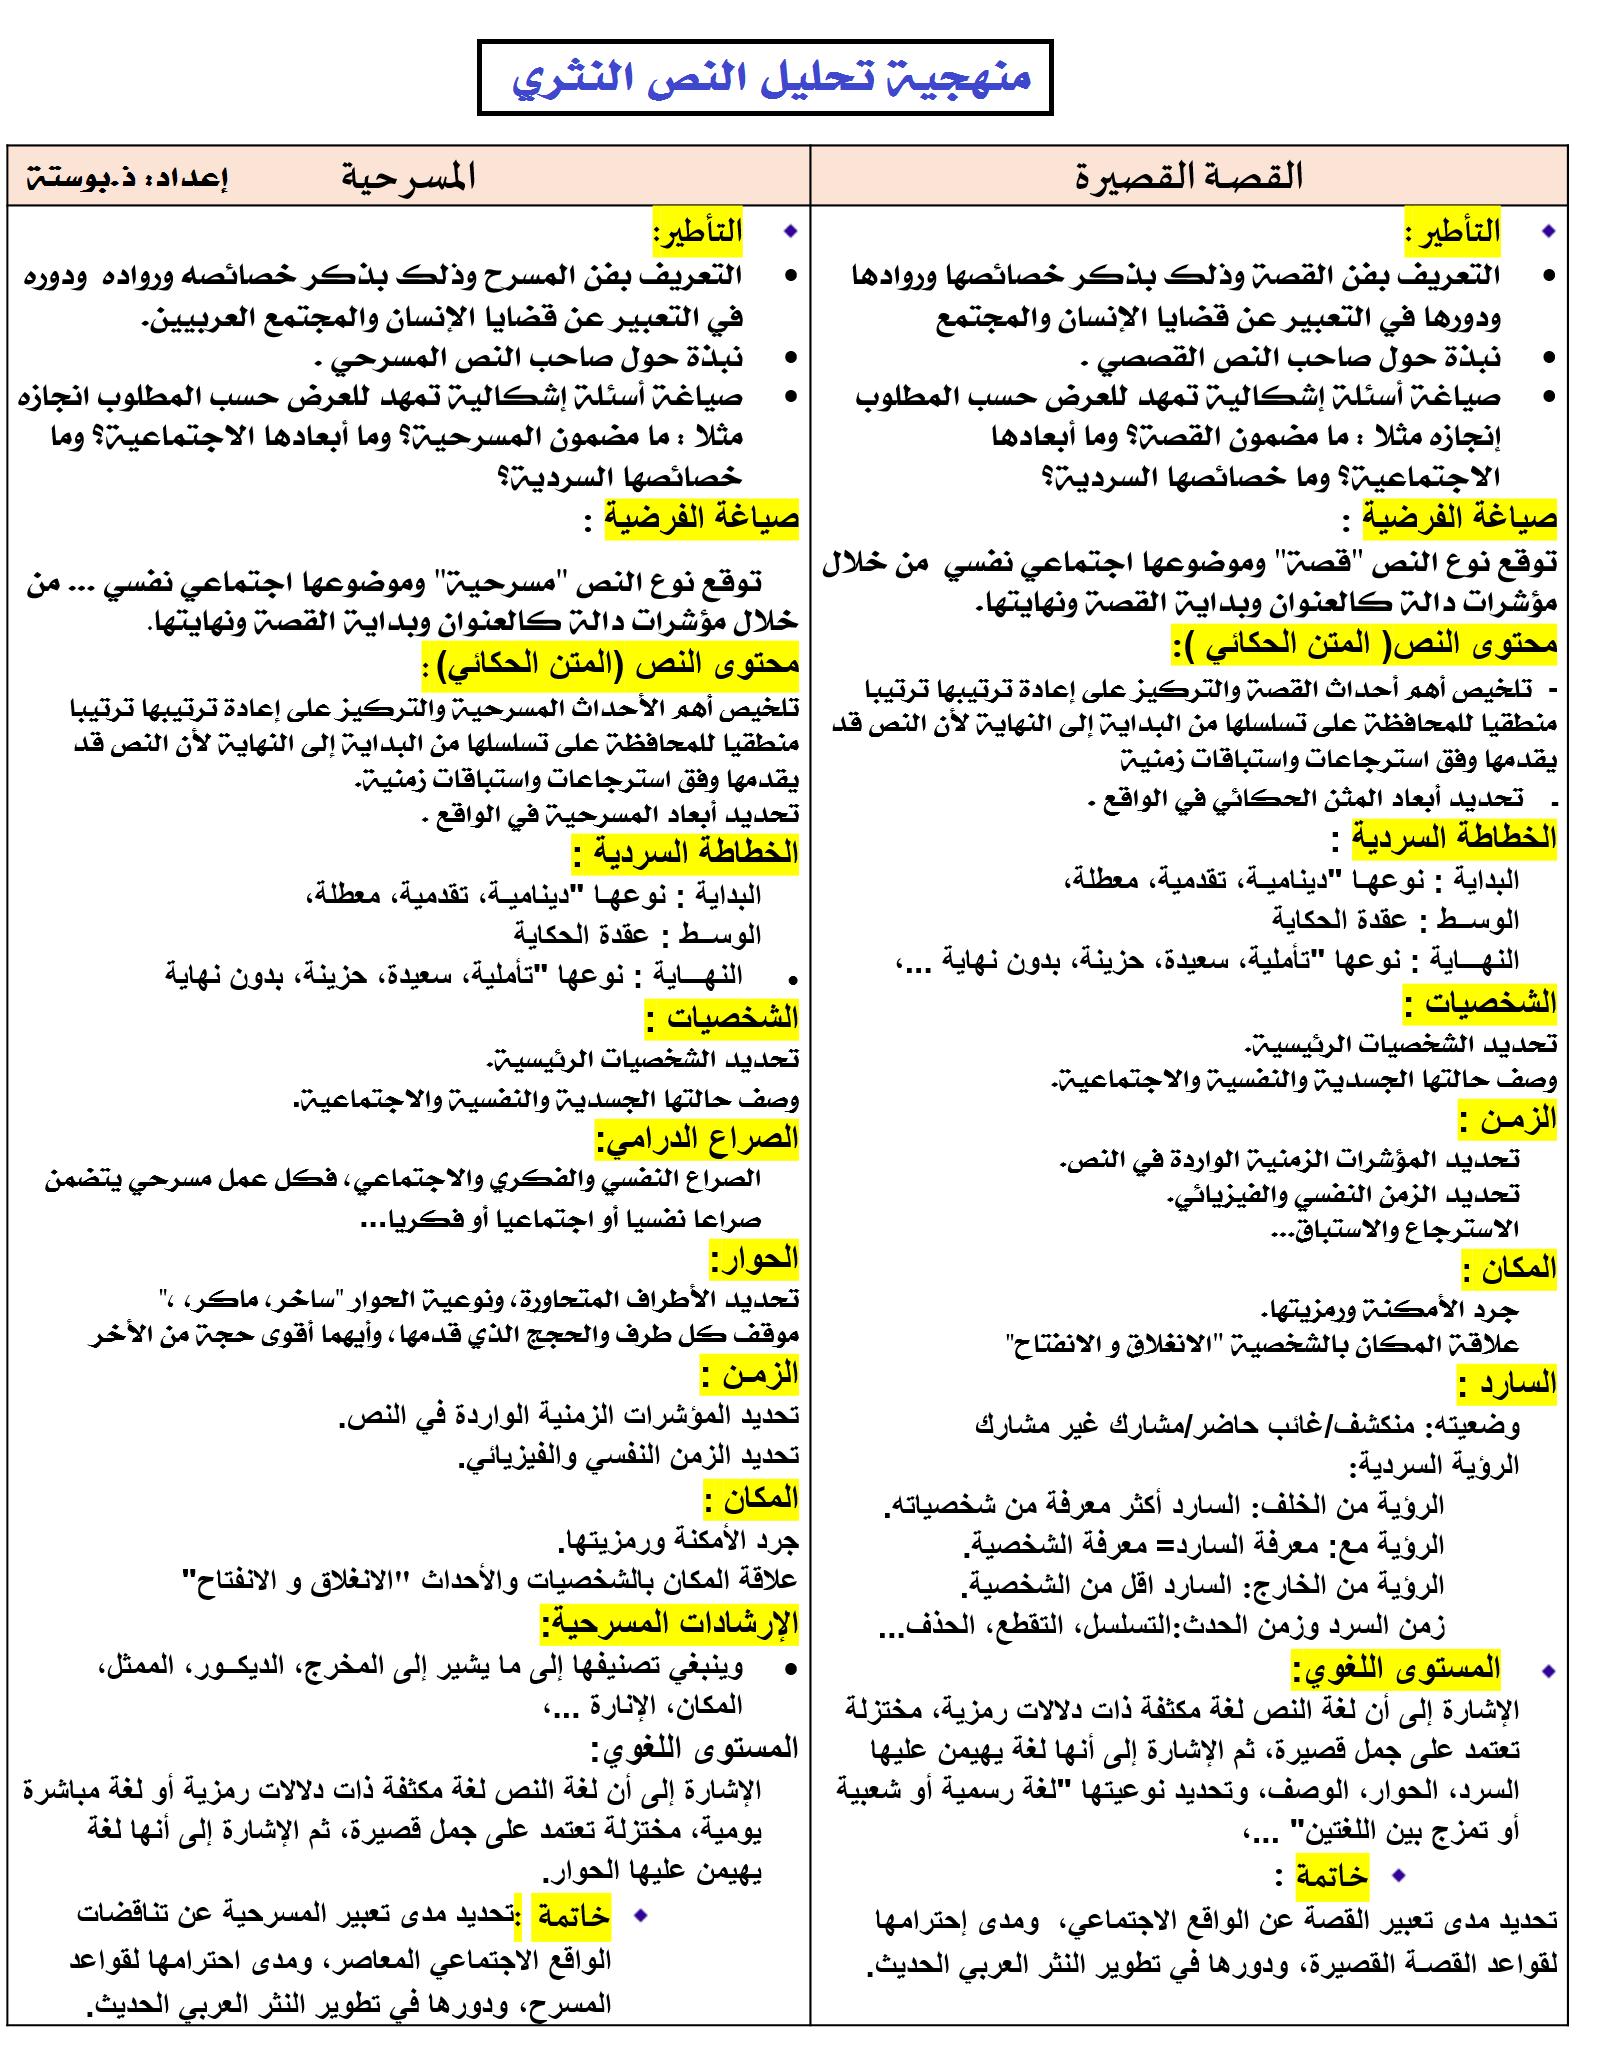 الخطاطة الملخصة لمنهجية تحليل النص النثري: القصة - المسرحية